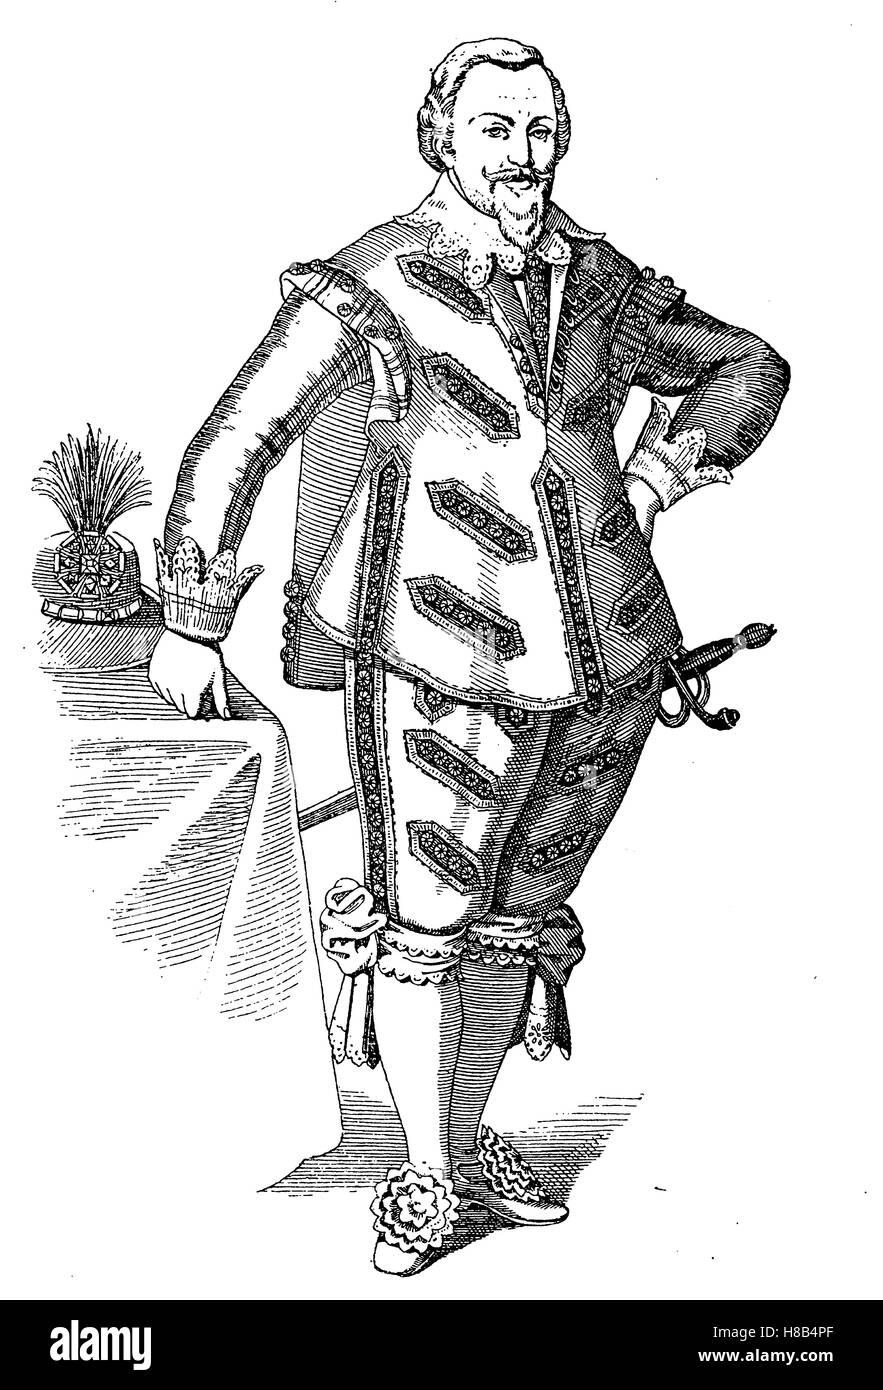 Maurice, Prinz von Oranien, 1620, Geschichte der Mode, Kostüm-Geschichte Stockbild